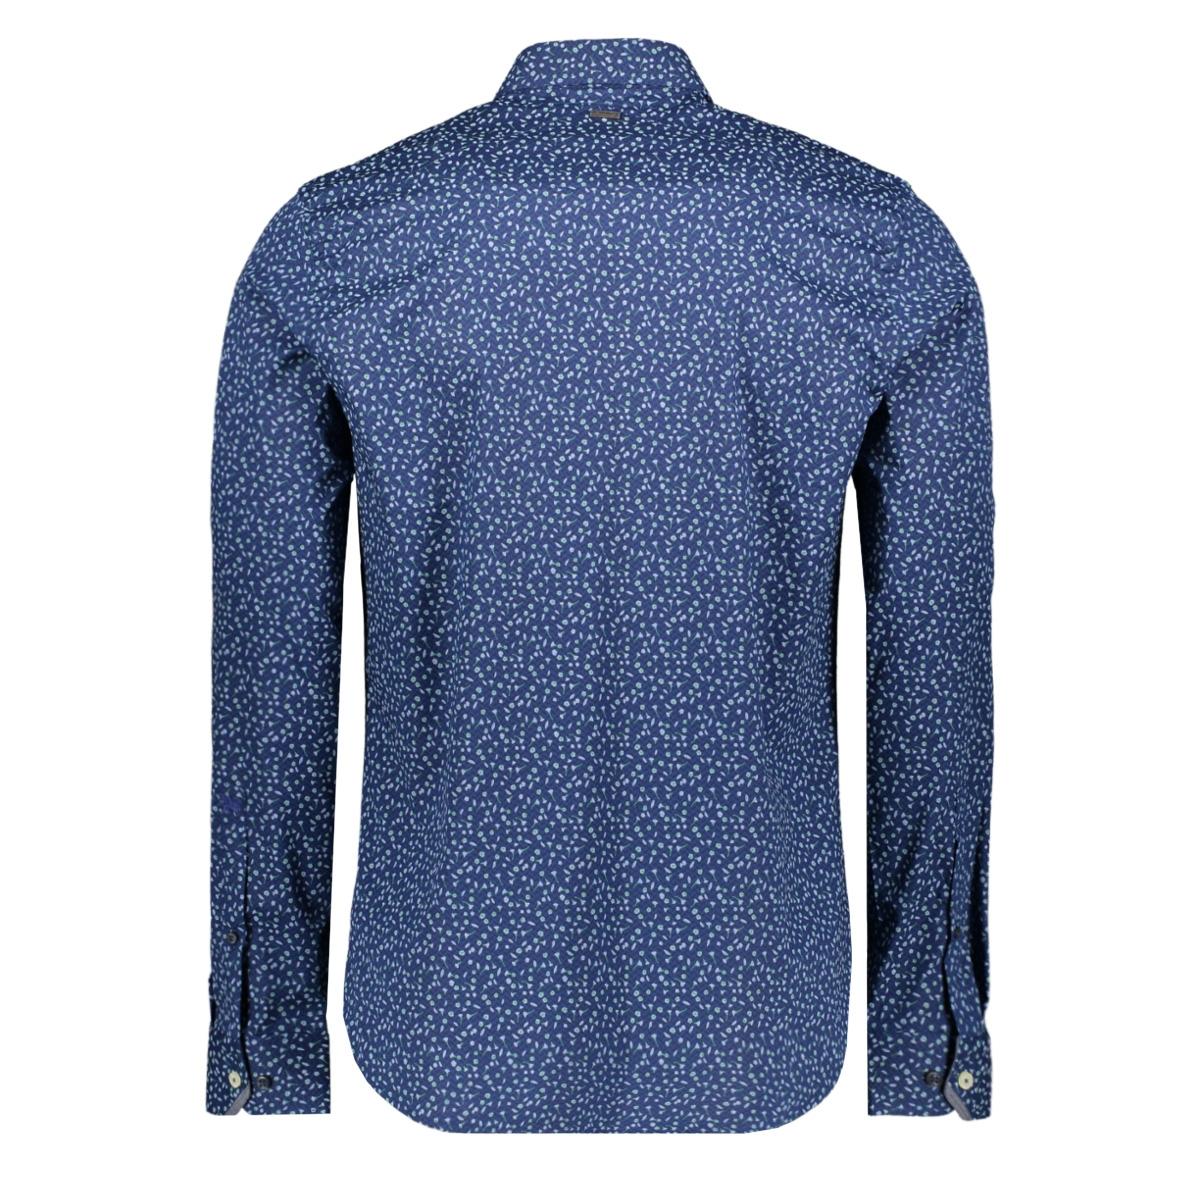 long sleeve shirt vsi197400 vanguard overhemd 5331